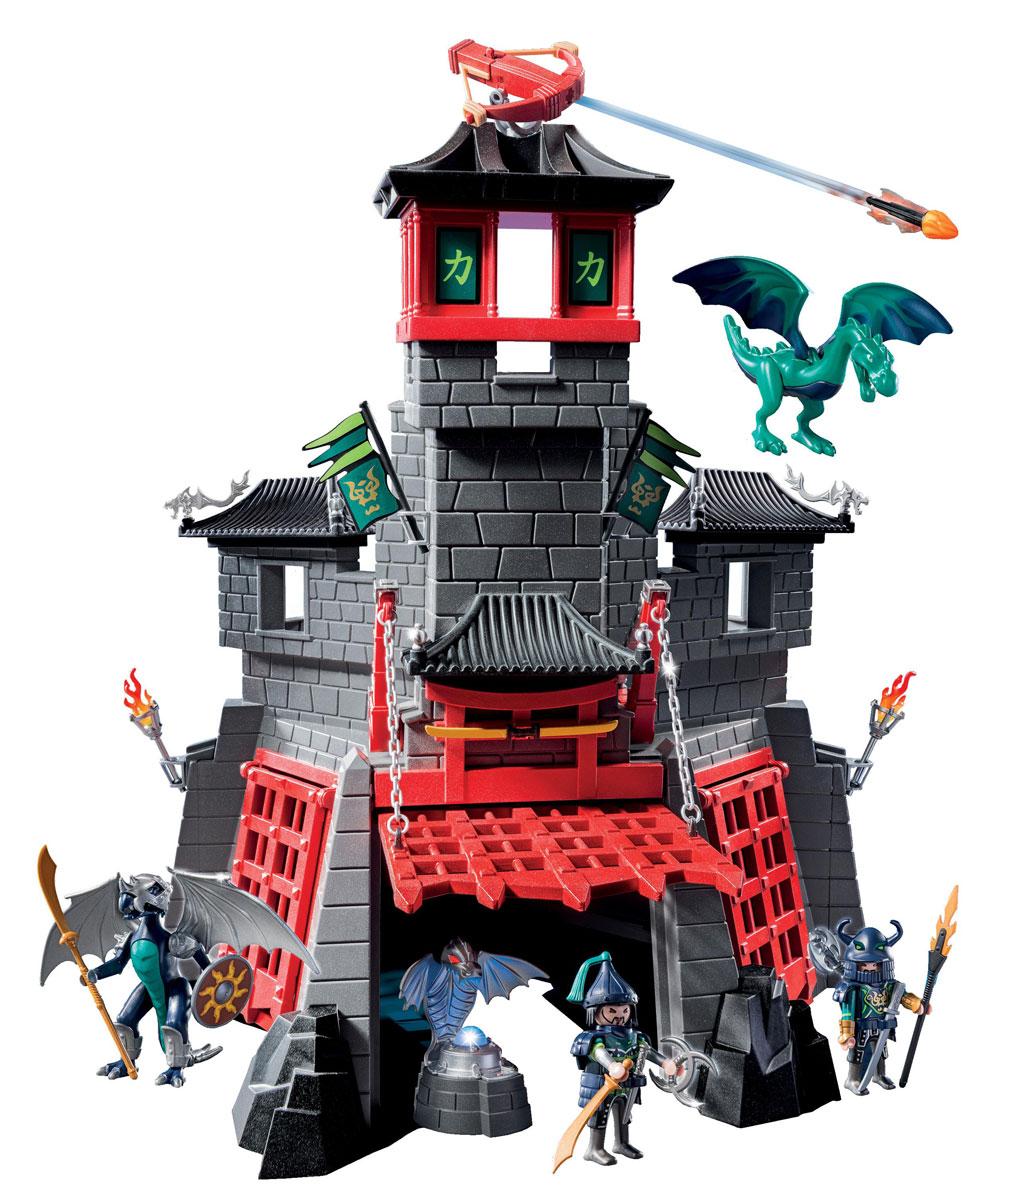 Playmobil Игровой набор Секретный форт Дракона5480pmИгровой набор Playmobil Секретный форт Дракона обязательно понравится вашему ребенку. Он выполнен из безопасного пластика и включает вместительный форт, две фигурки грабителей, большого и маленького драконов, оружие, магиечский кристалл в подставке и другие аксессуары для игры. Голубой магический кристалл похищен и спрятан в секретном форте дракона. Форт защищают два голубых дракона, которые не допустят врага на свою территорию. В секретном форте дракона сидят грабители, которые украли волшебный кристалл. Он надежно спрятан за решеткой в специальной подставке. Добраться туда будет не так-то просто. На крыше форта установлено работающее орудие, которое стреляет огненными зарядами. В замке также есть ловушки. Подъемные ворота можно открыть только вверх с помощью специального рычага. Магический кристалл светится голубым светом. Включенная лампочка в кристалле горит 90 секунд, затем автоматически отключается. Отключить свет также можно вручную. У фигурок подвижные части...